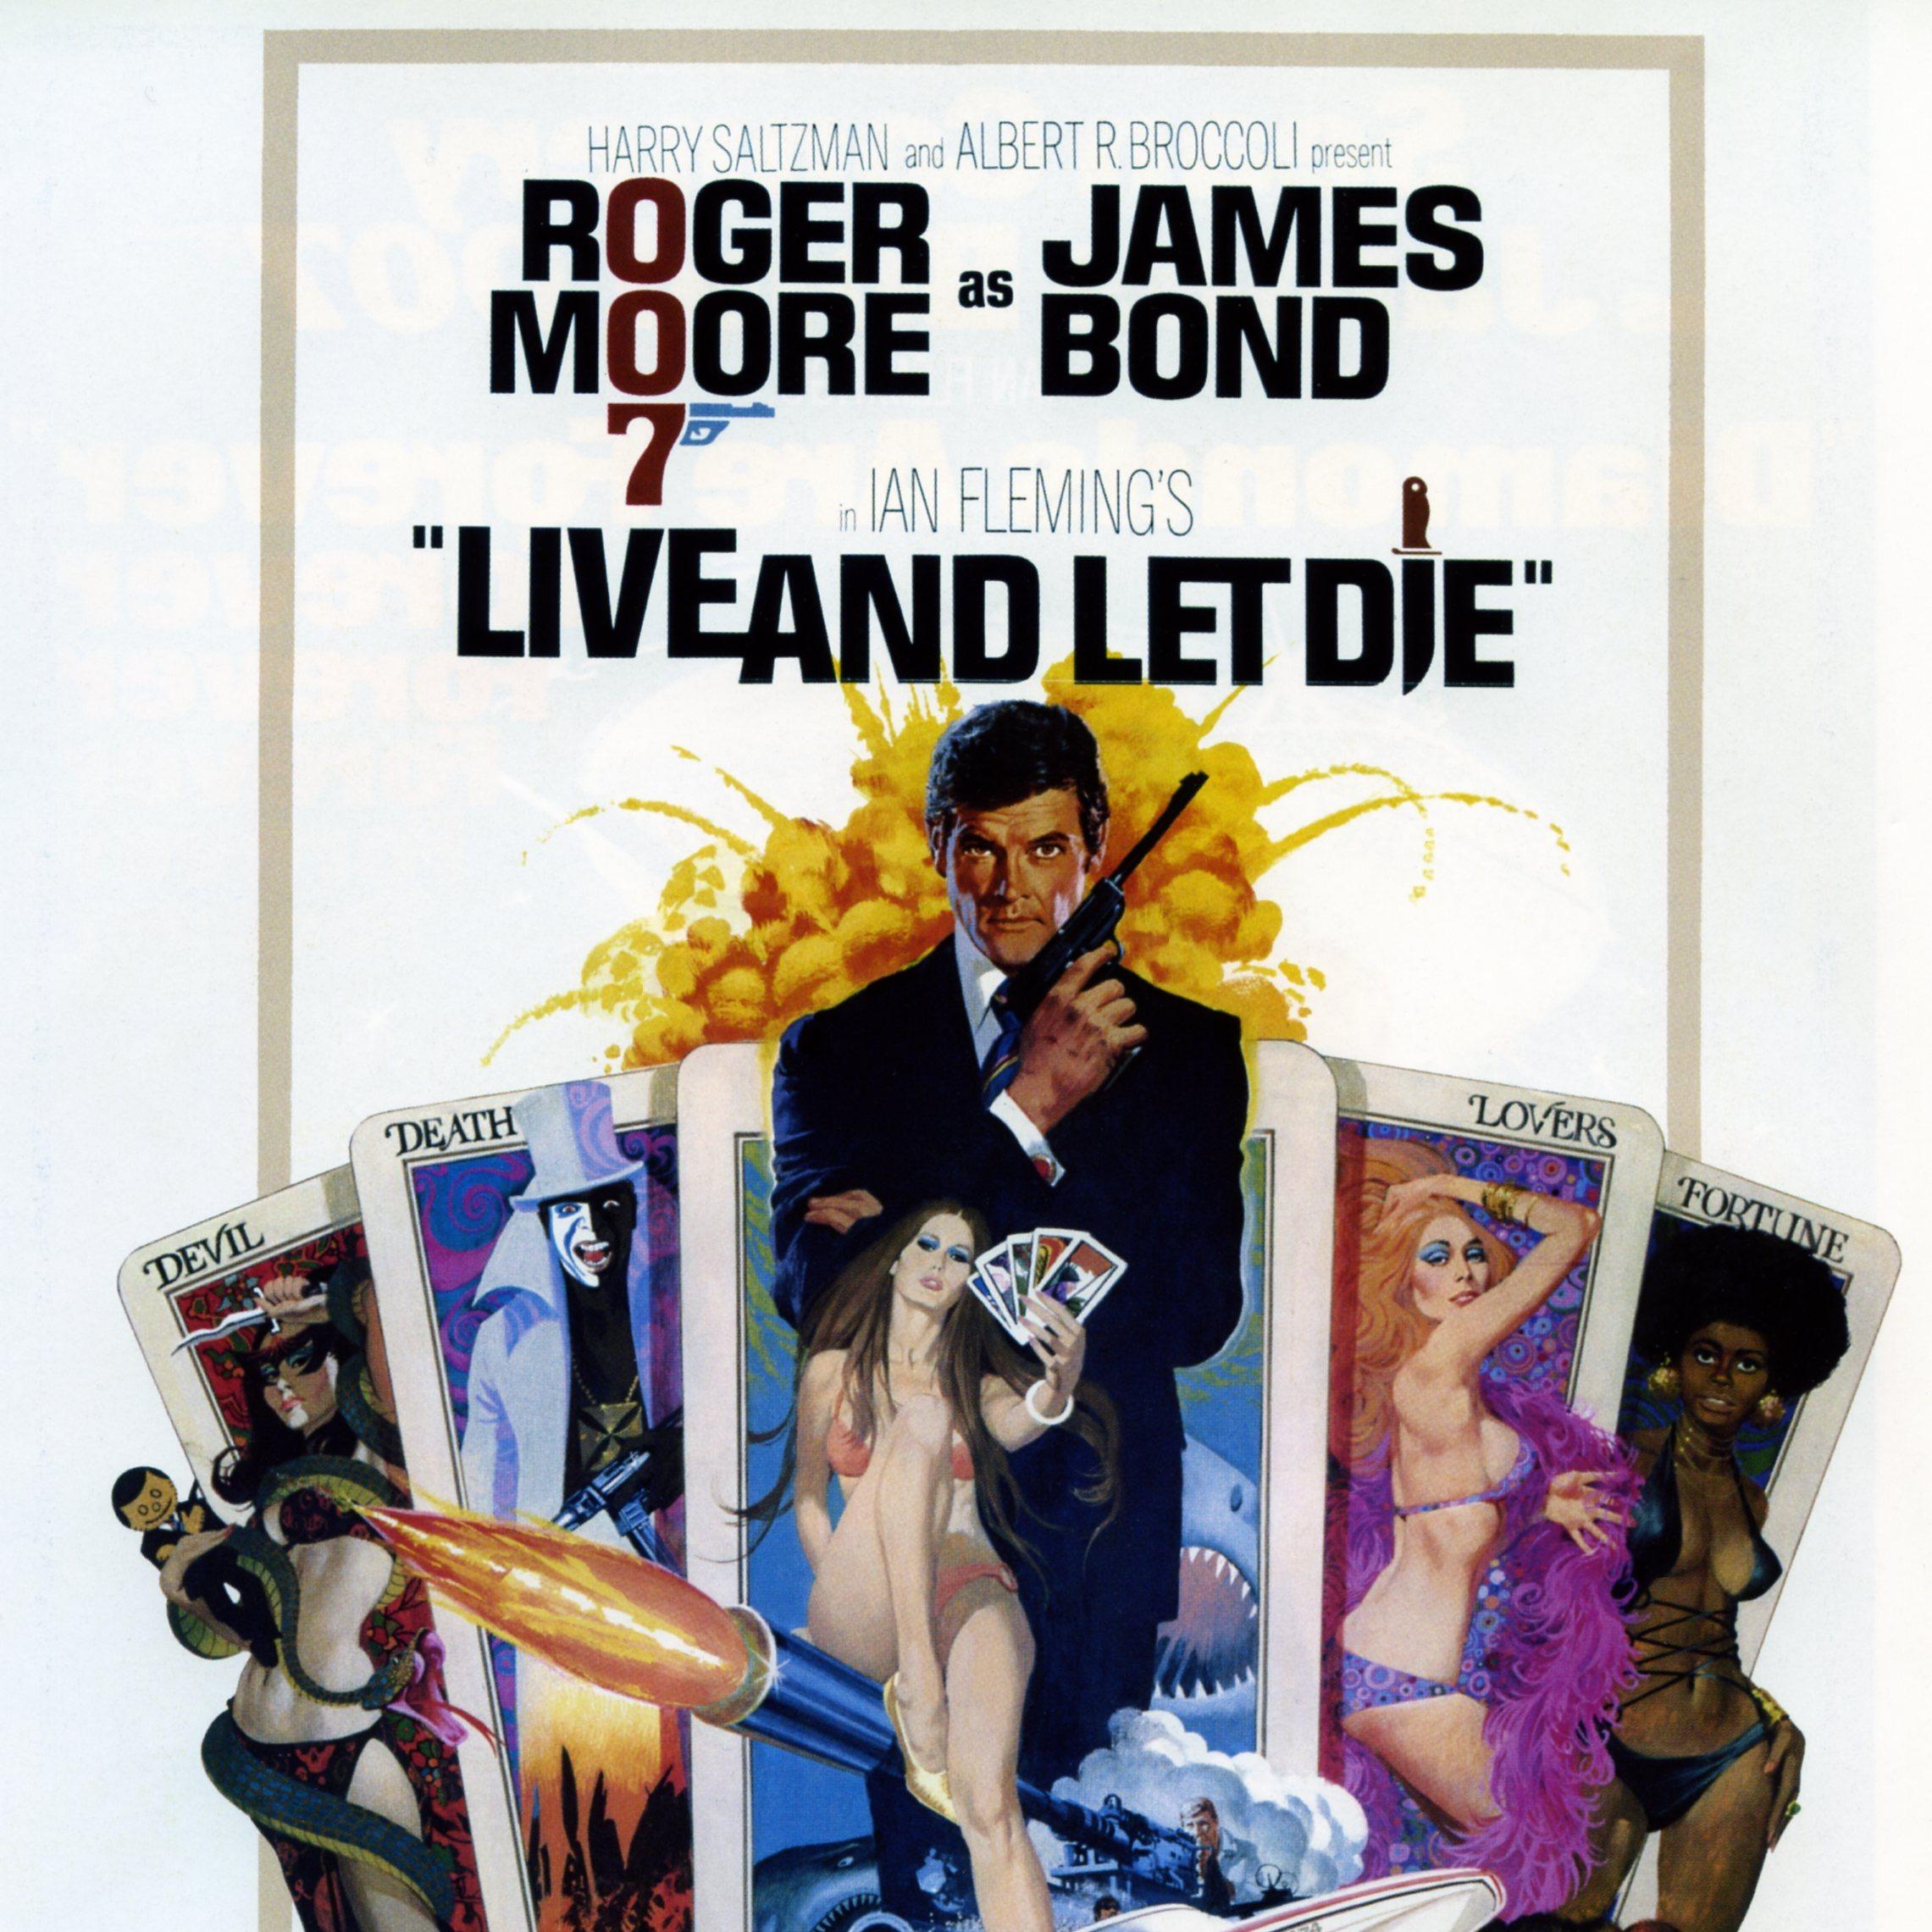 SAGA JAMES BOND   CRITIQUE DU FILM LIVE AND LET DIE / Vivre et Laisse Mourir   CinéMaRadio